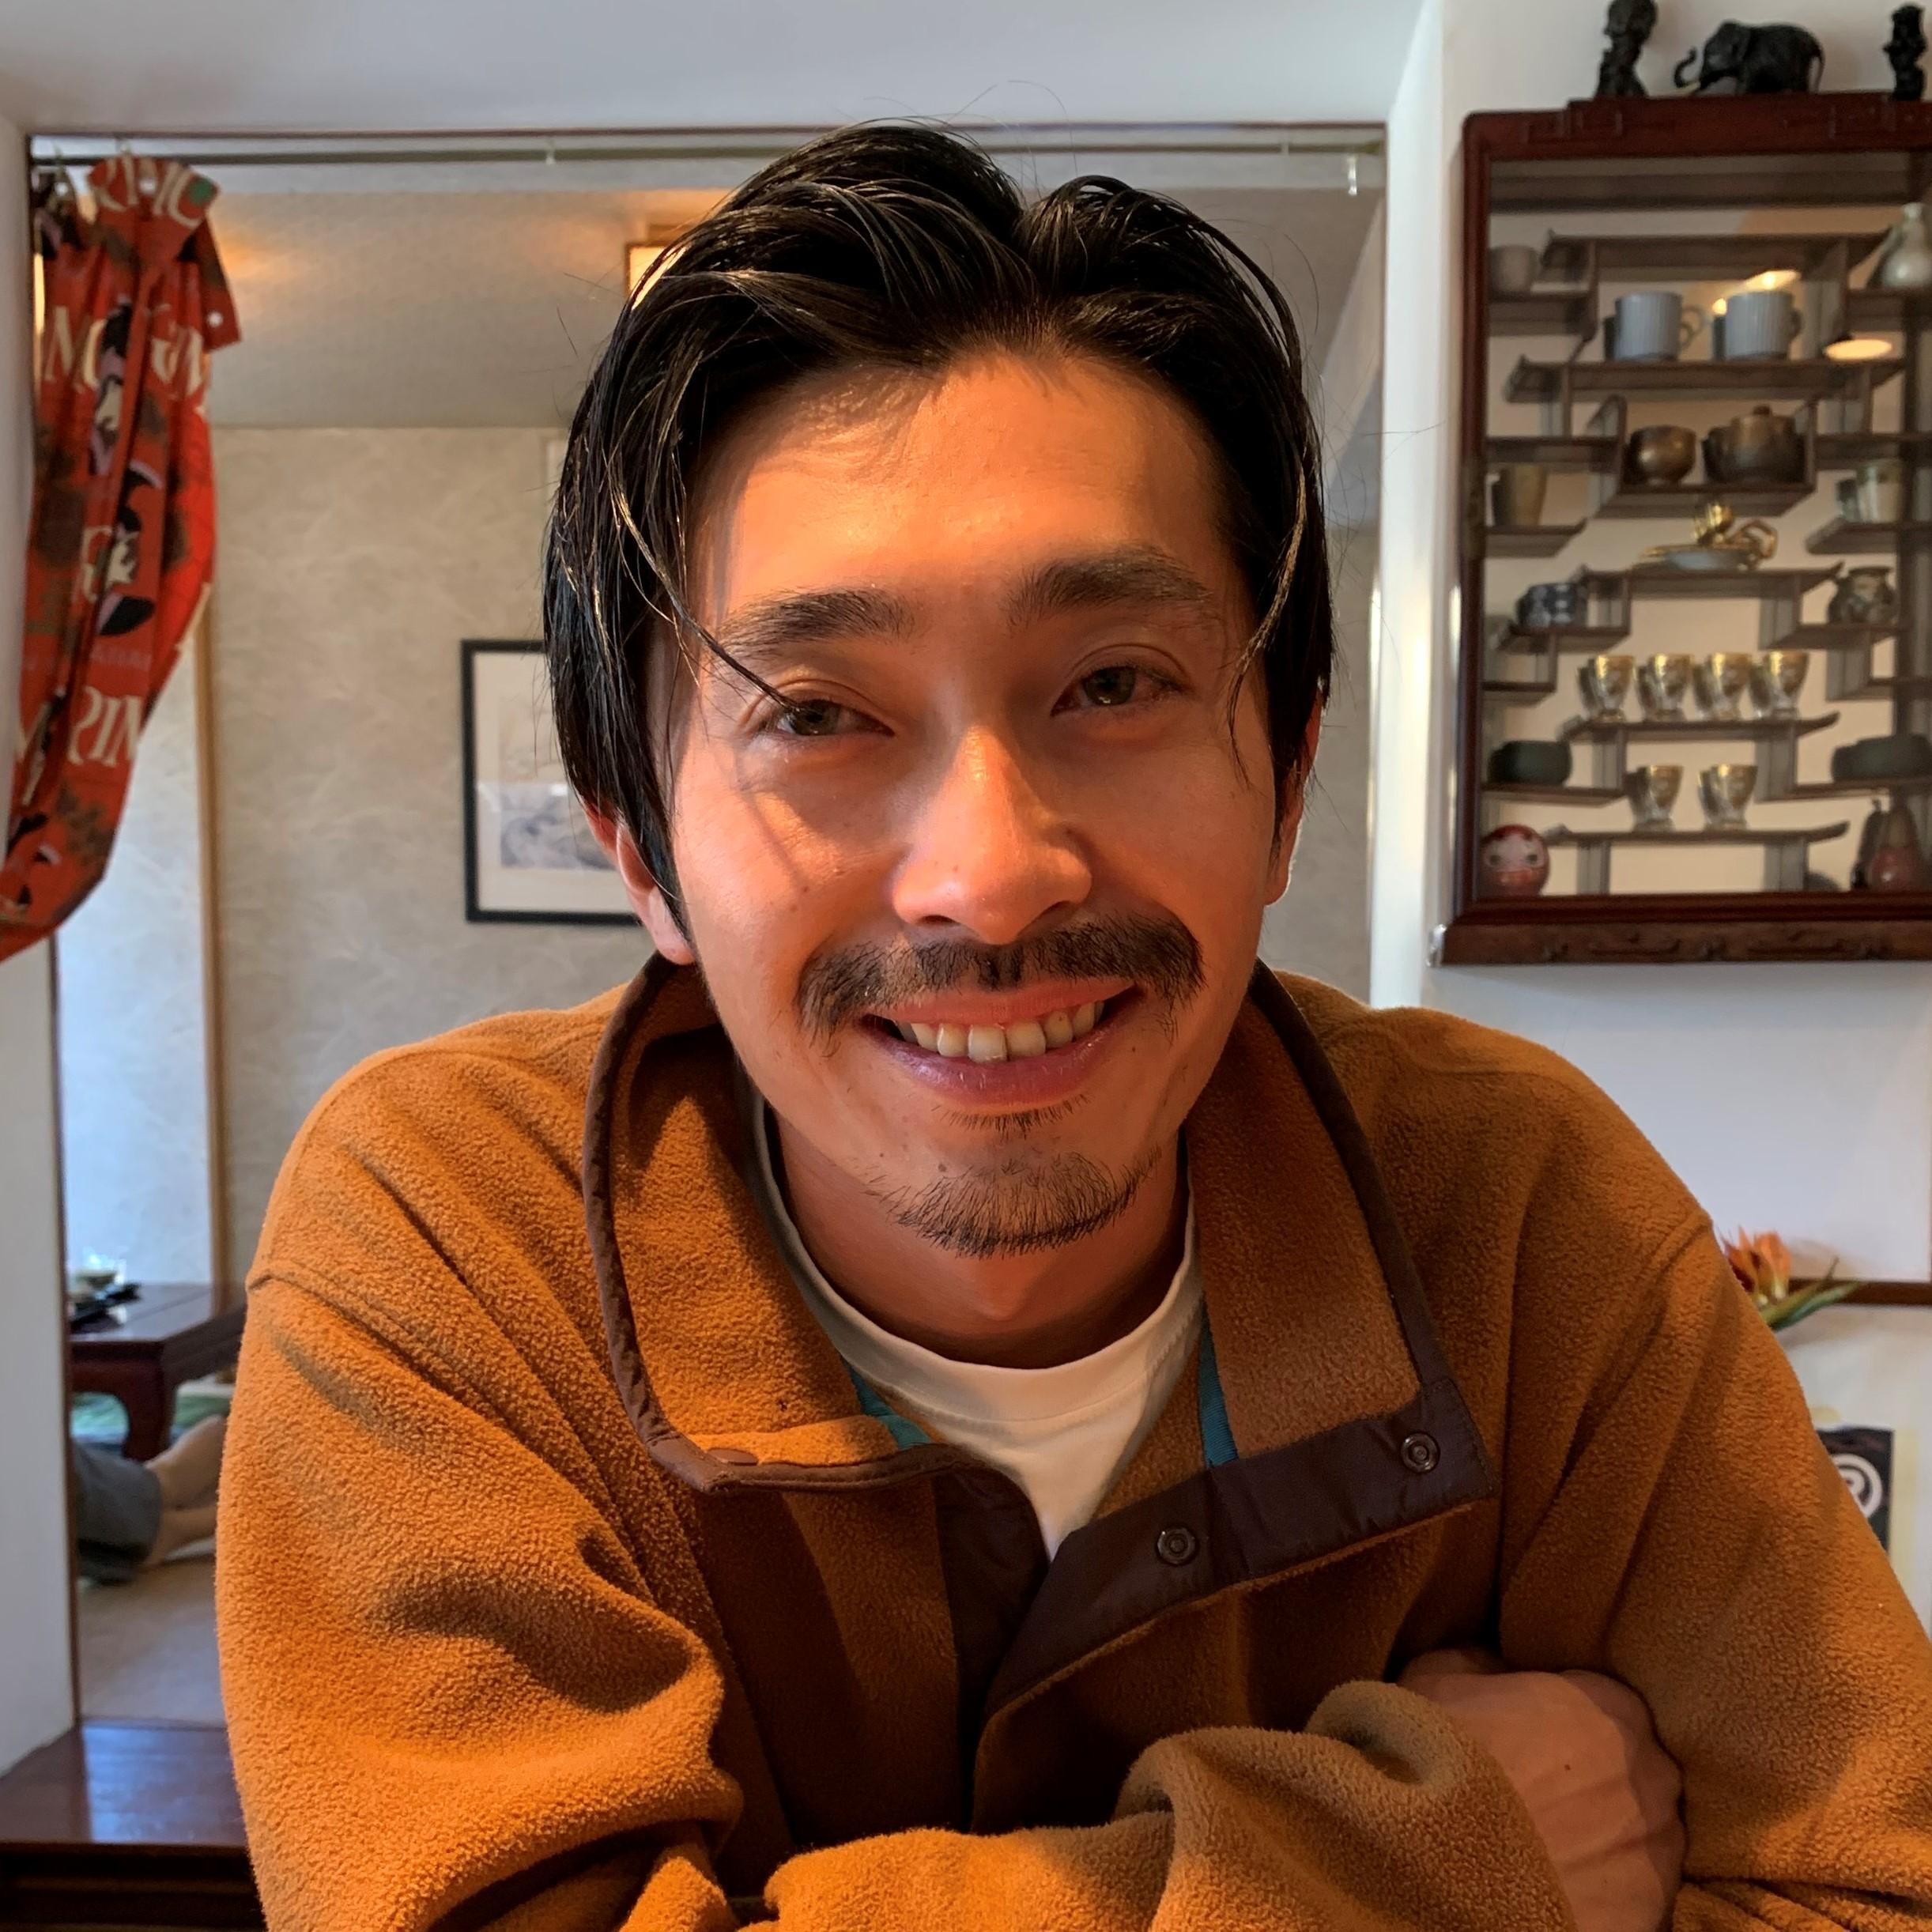 Masaki Kawasaki